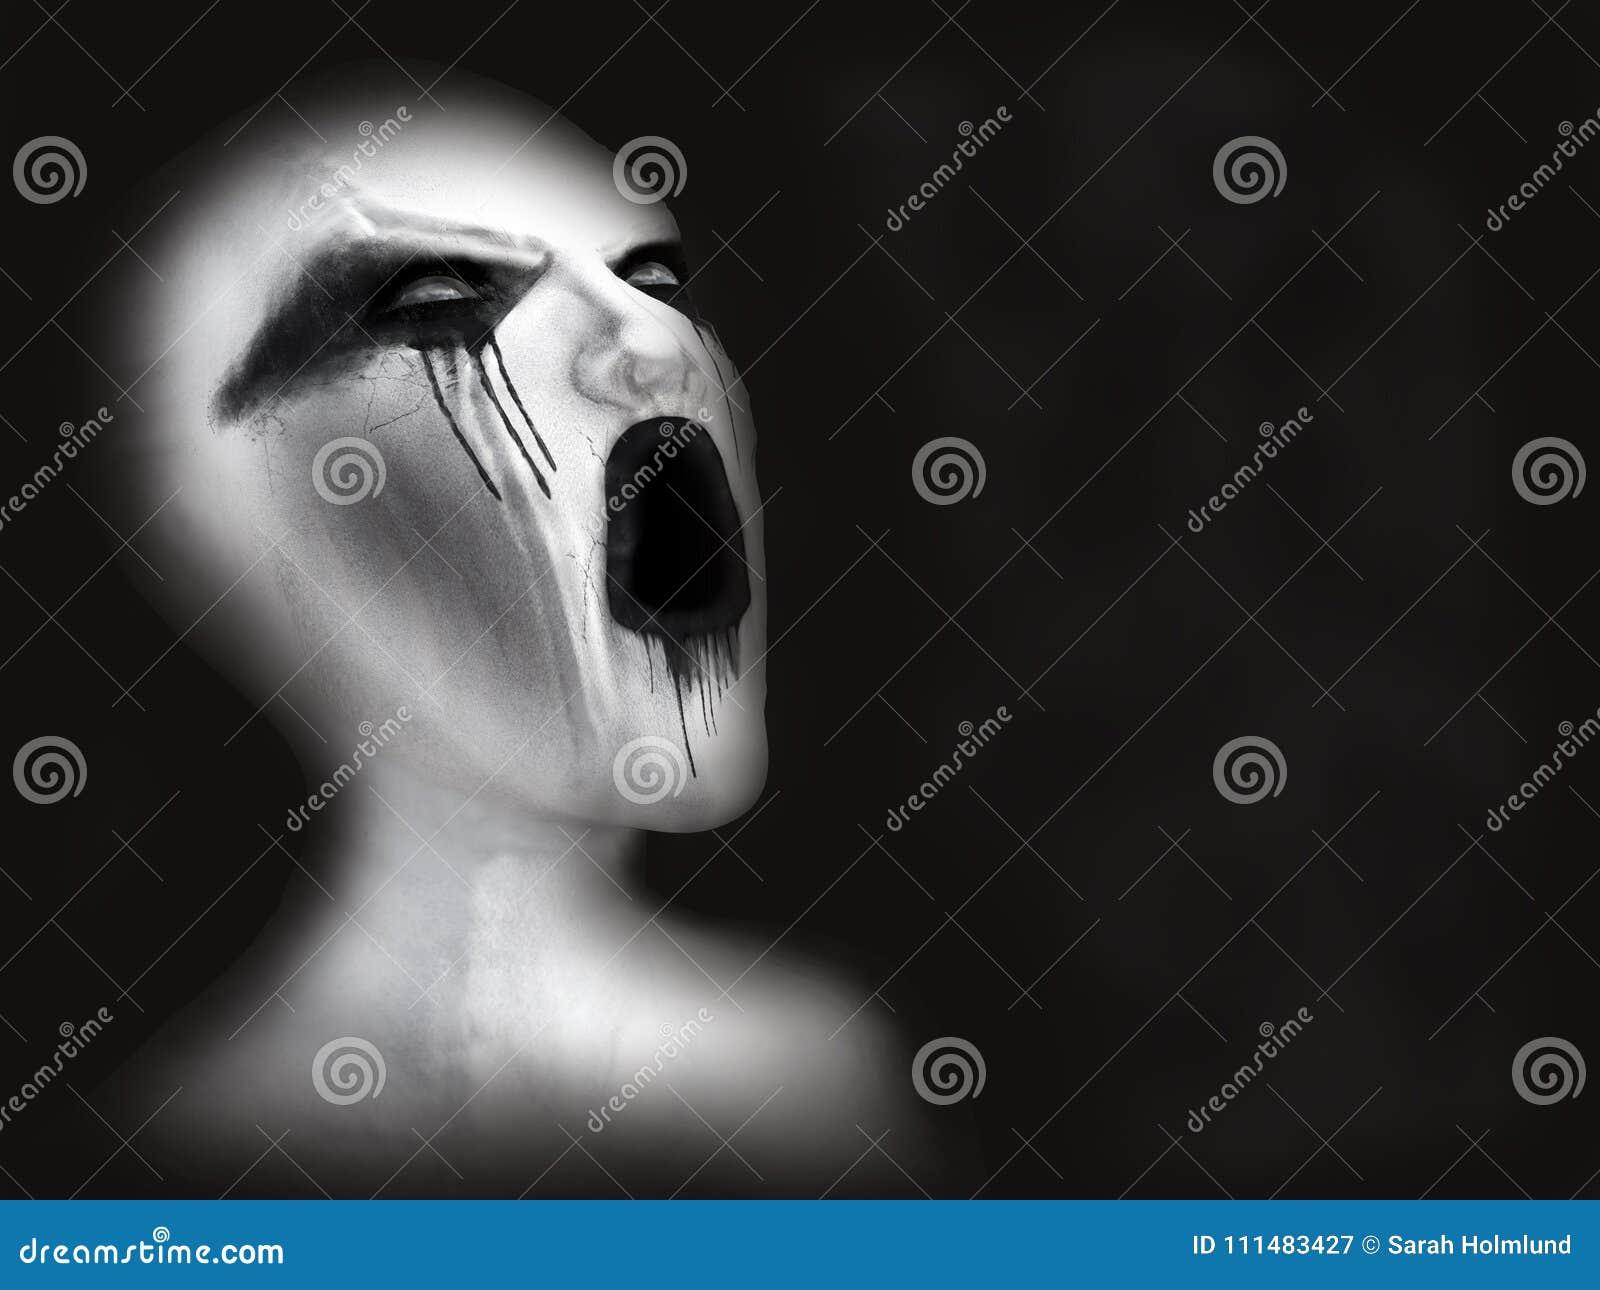 Rappresentazione 3D di un demone o di un fantasma bianco